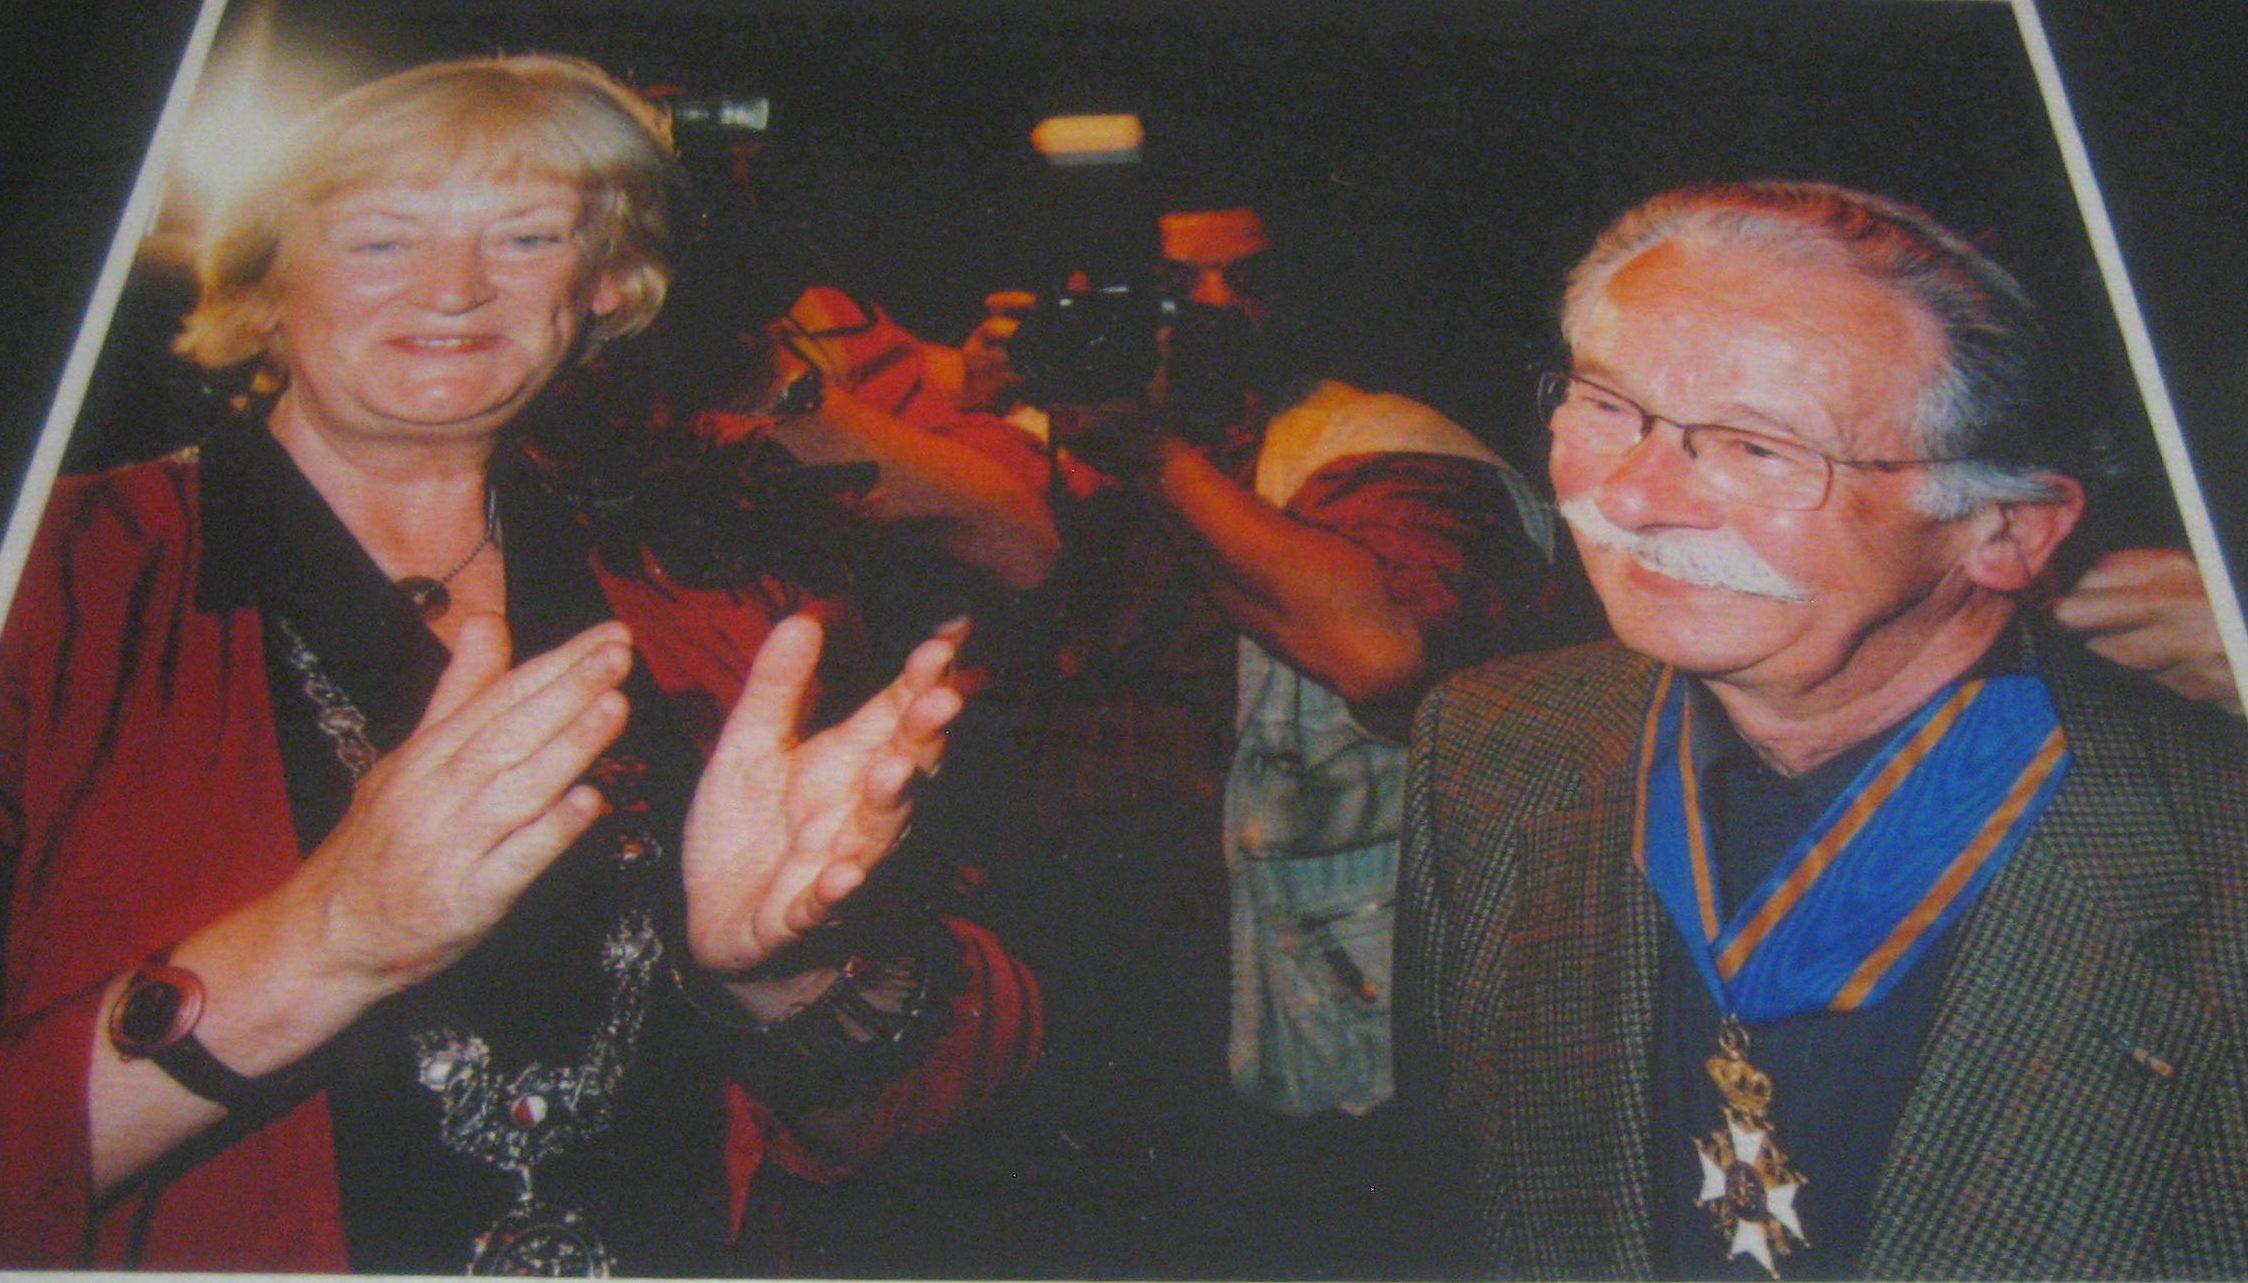 Annie Brouwer-Korf en Dick Bruna, zojuist benoemd tot Commandeur in de Orde van de Nederlandse, 2001 Leeuw